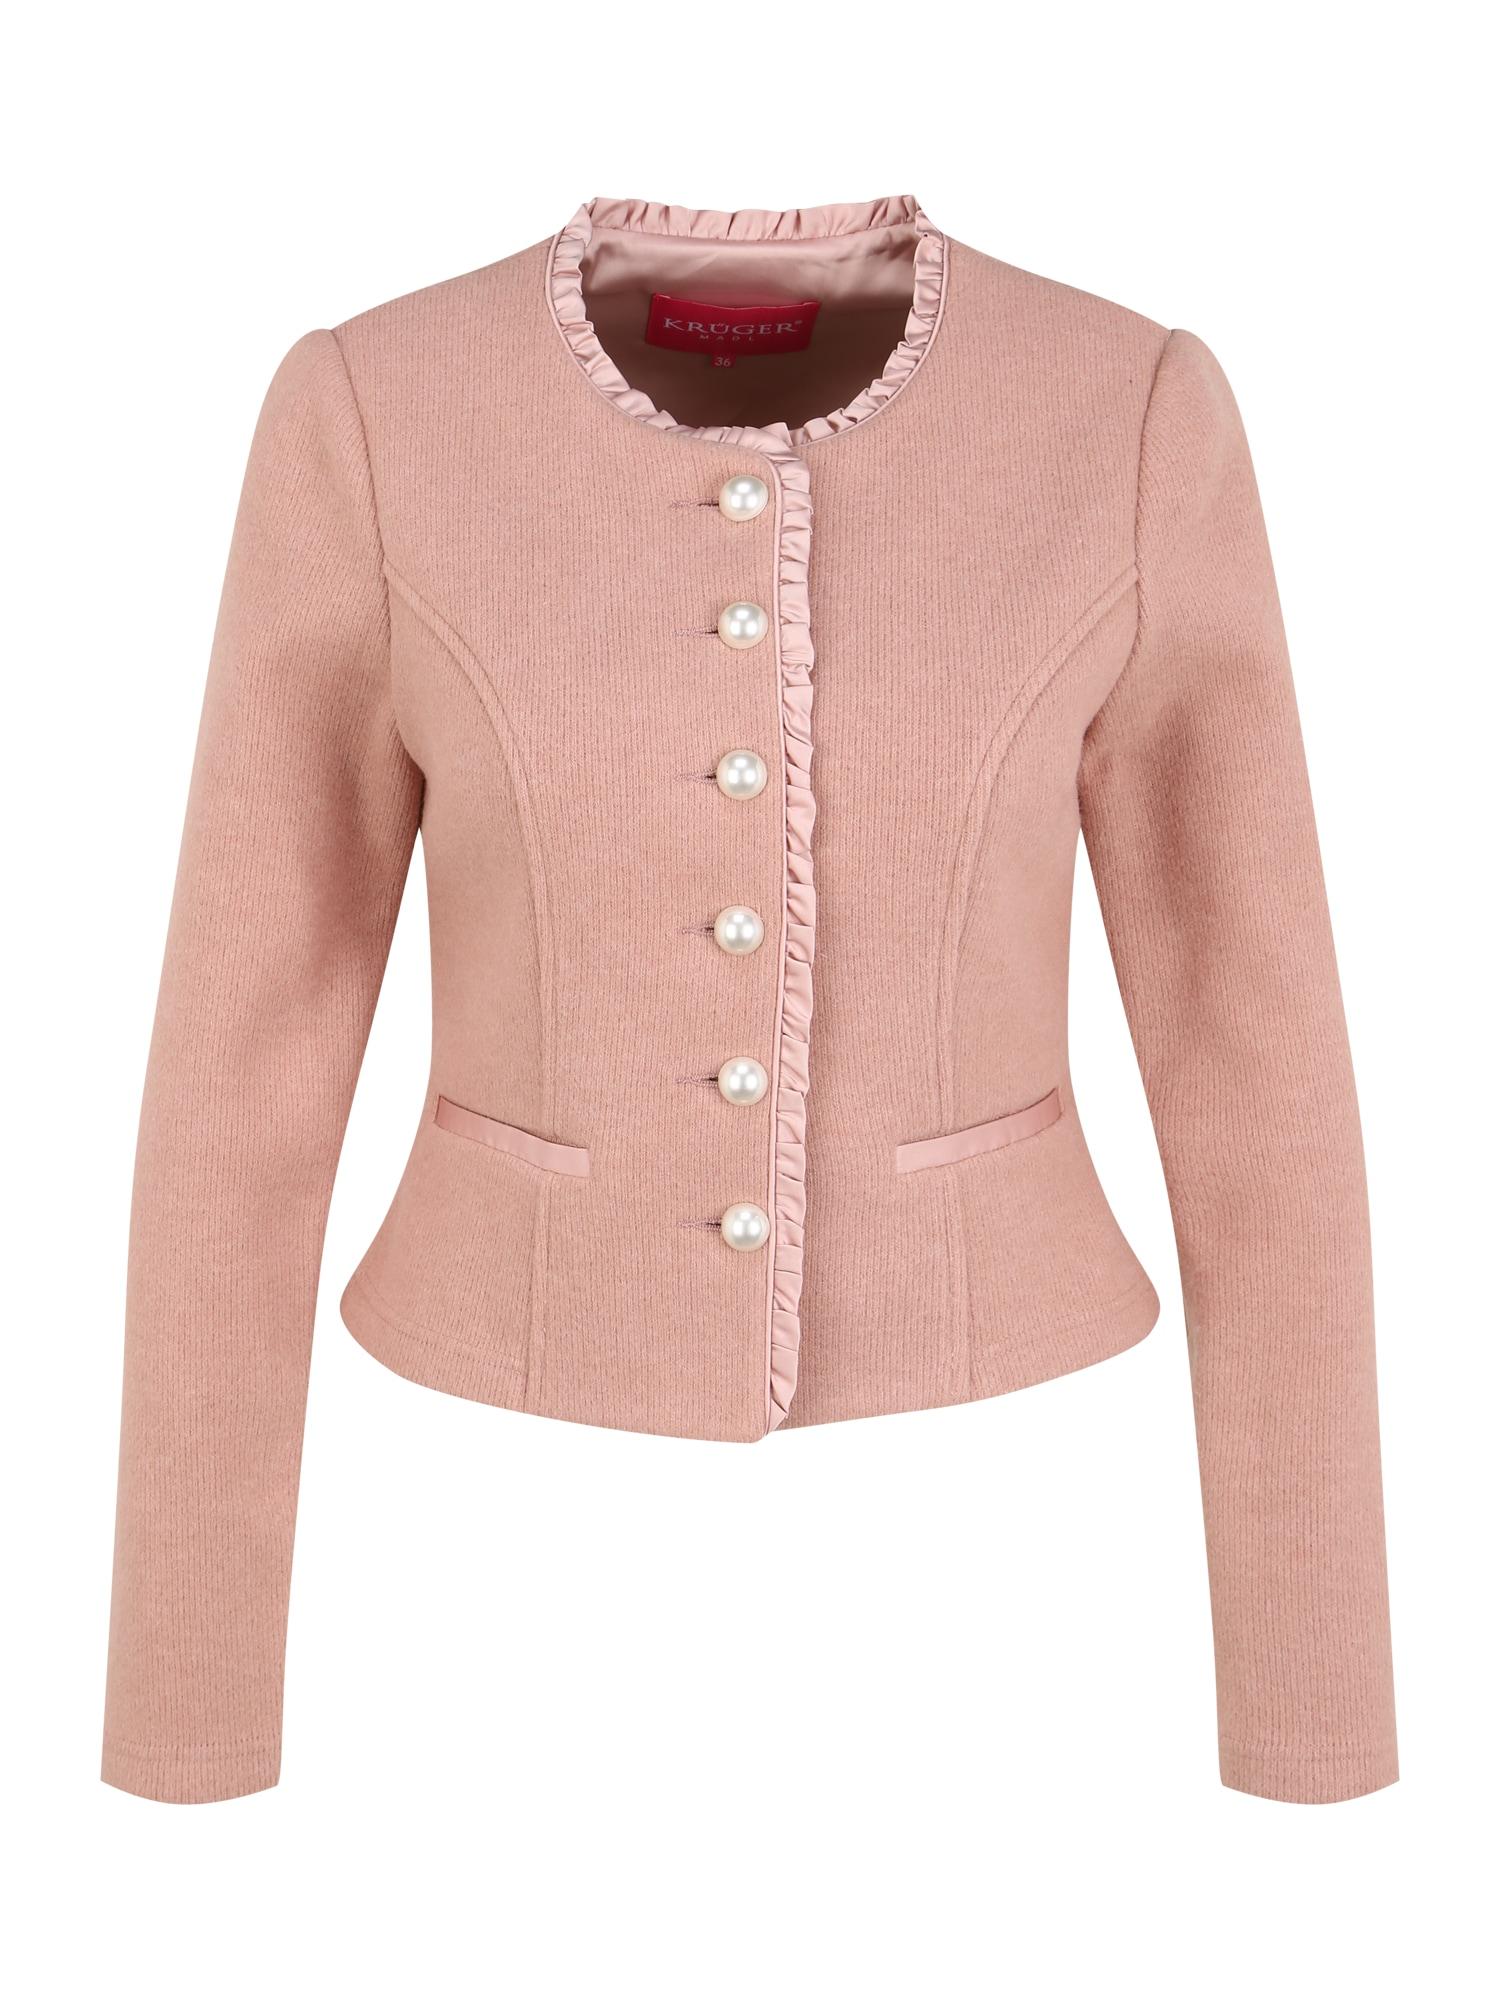 Krüger Madl Tirolietiško stiliaus švarkas ryškiai rožinė spalva